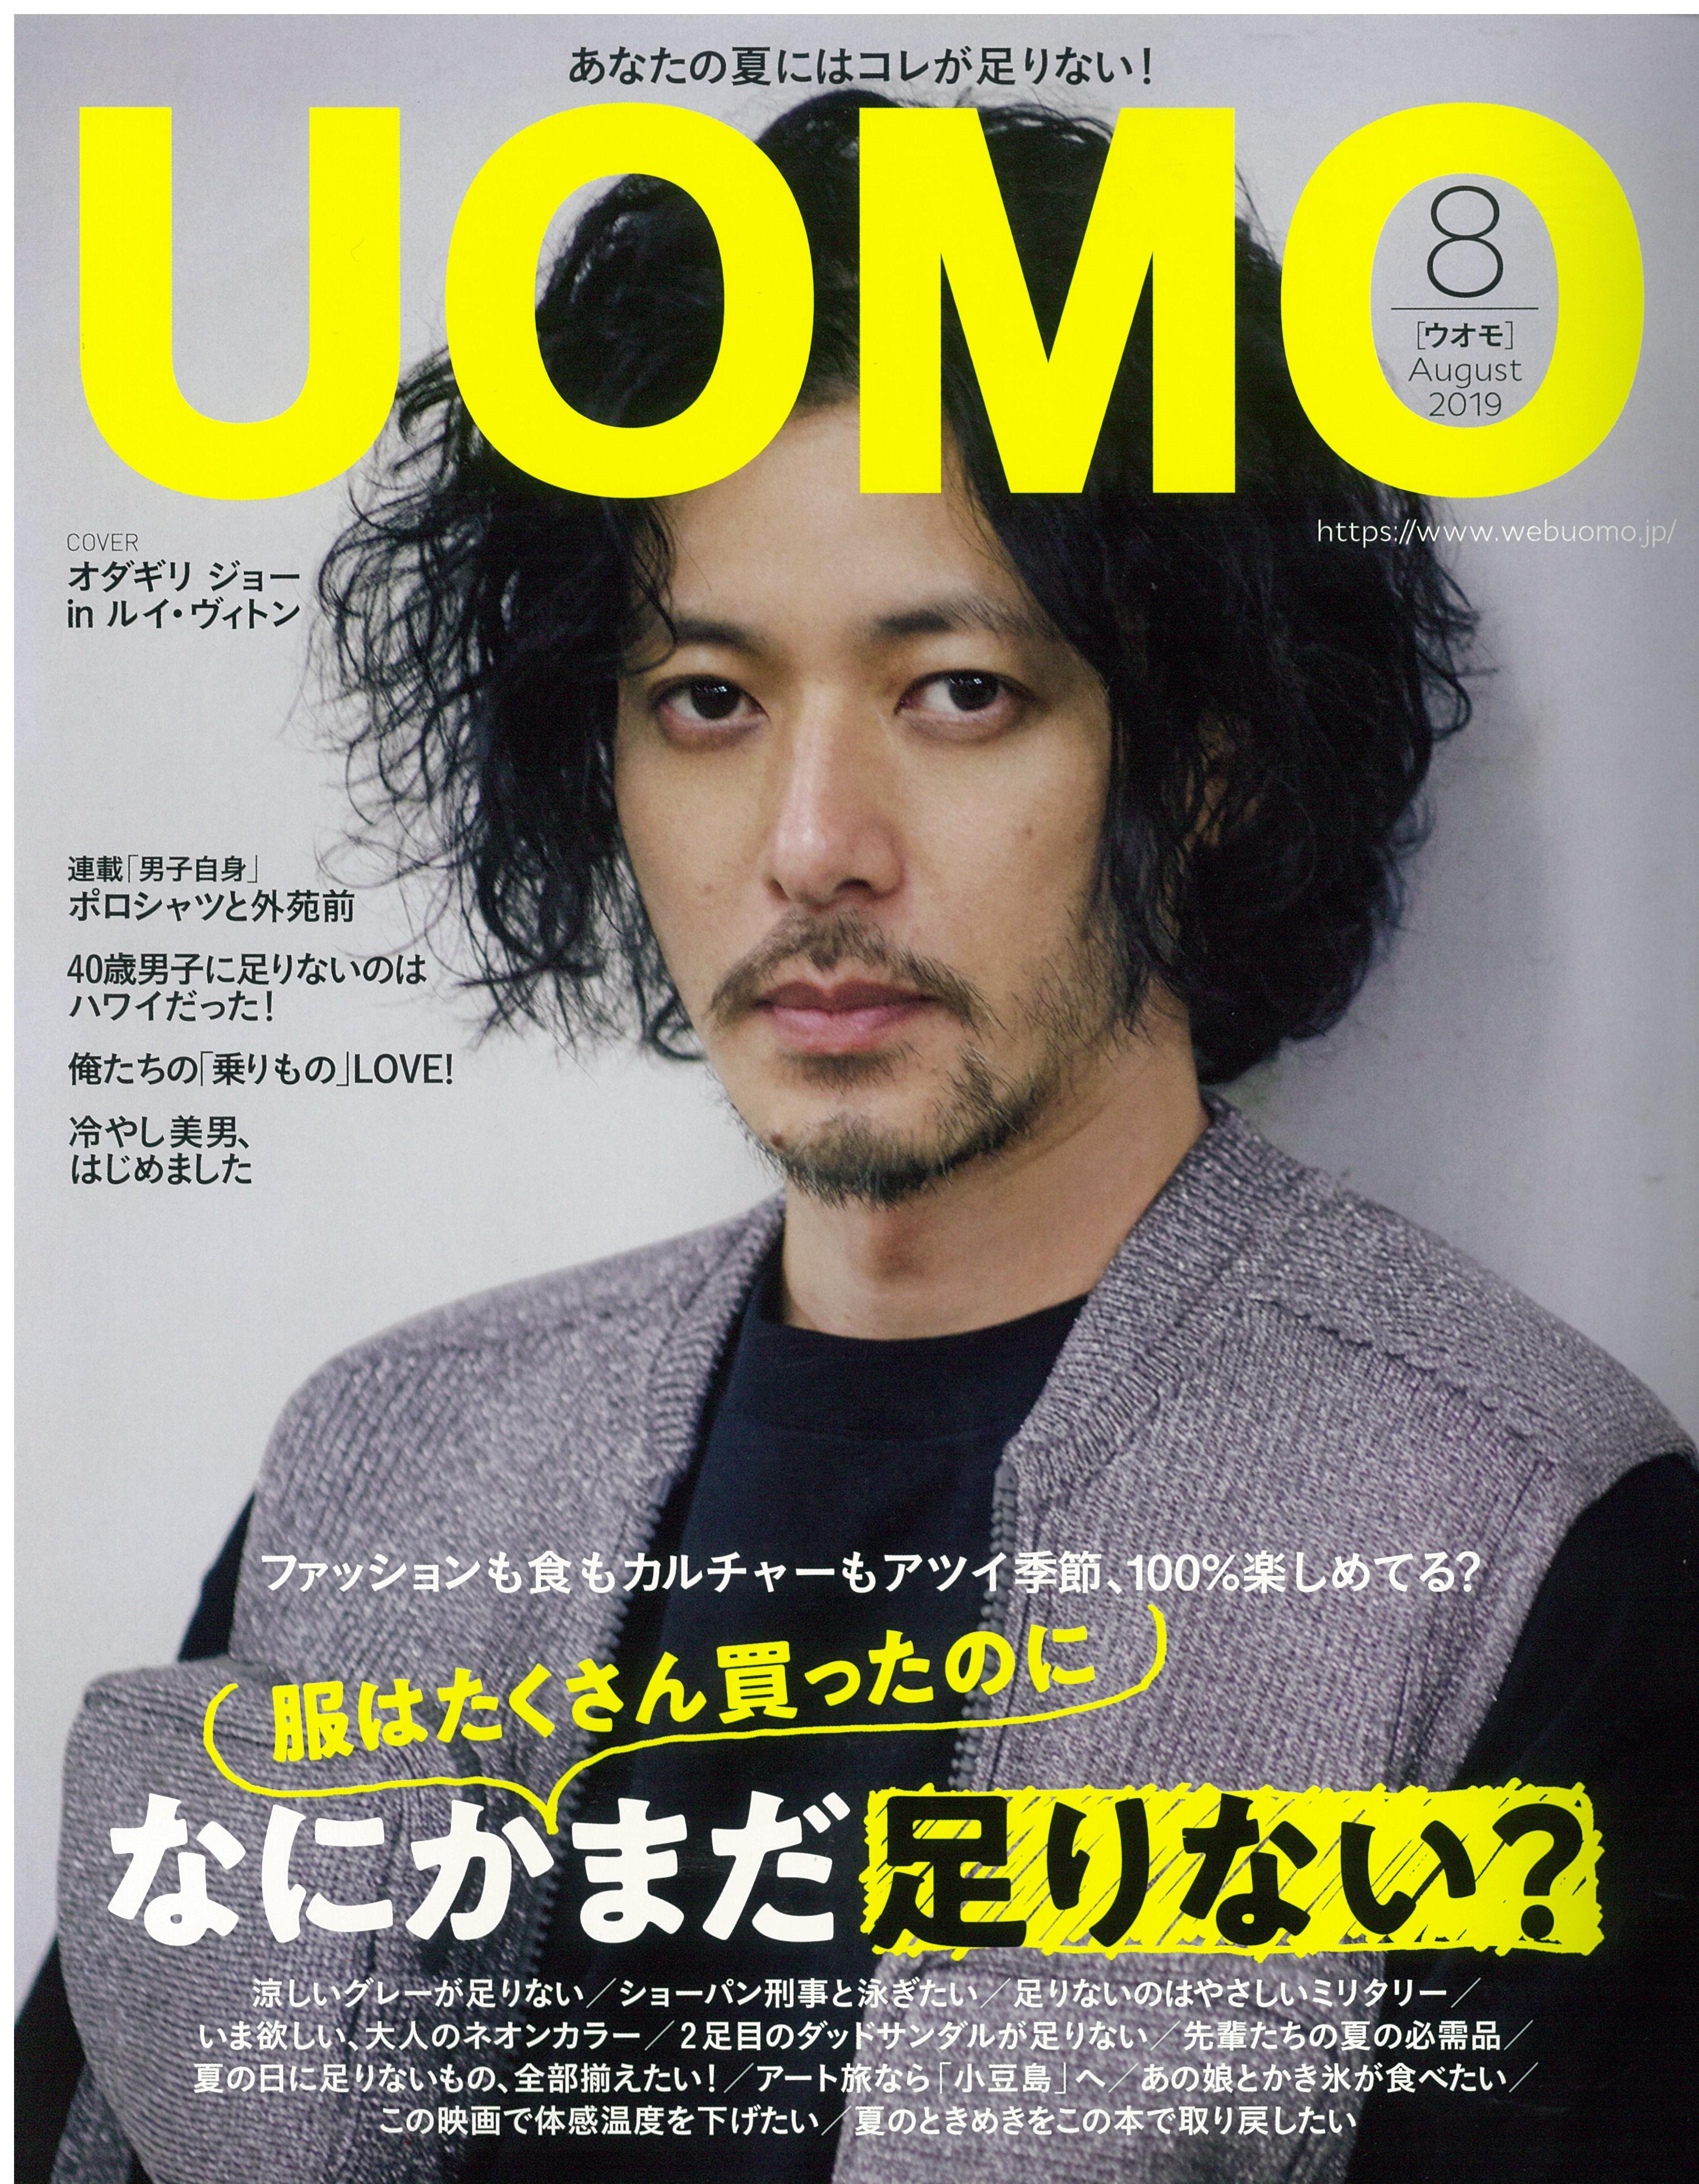 UOMO 8月号掲載